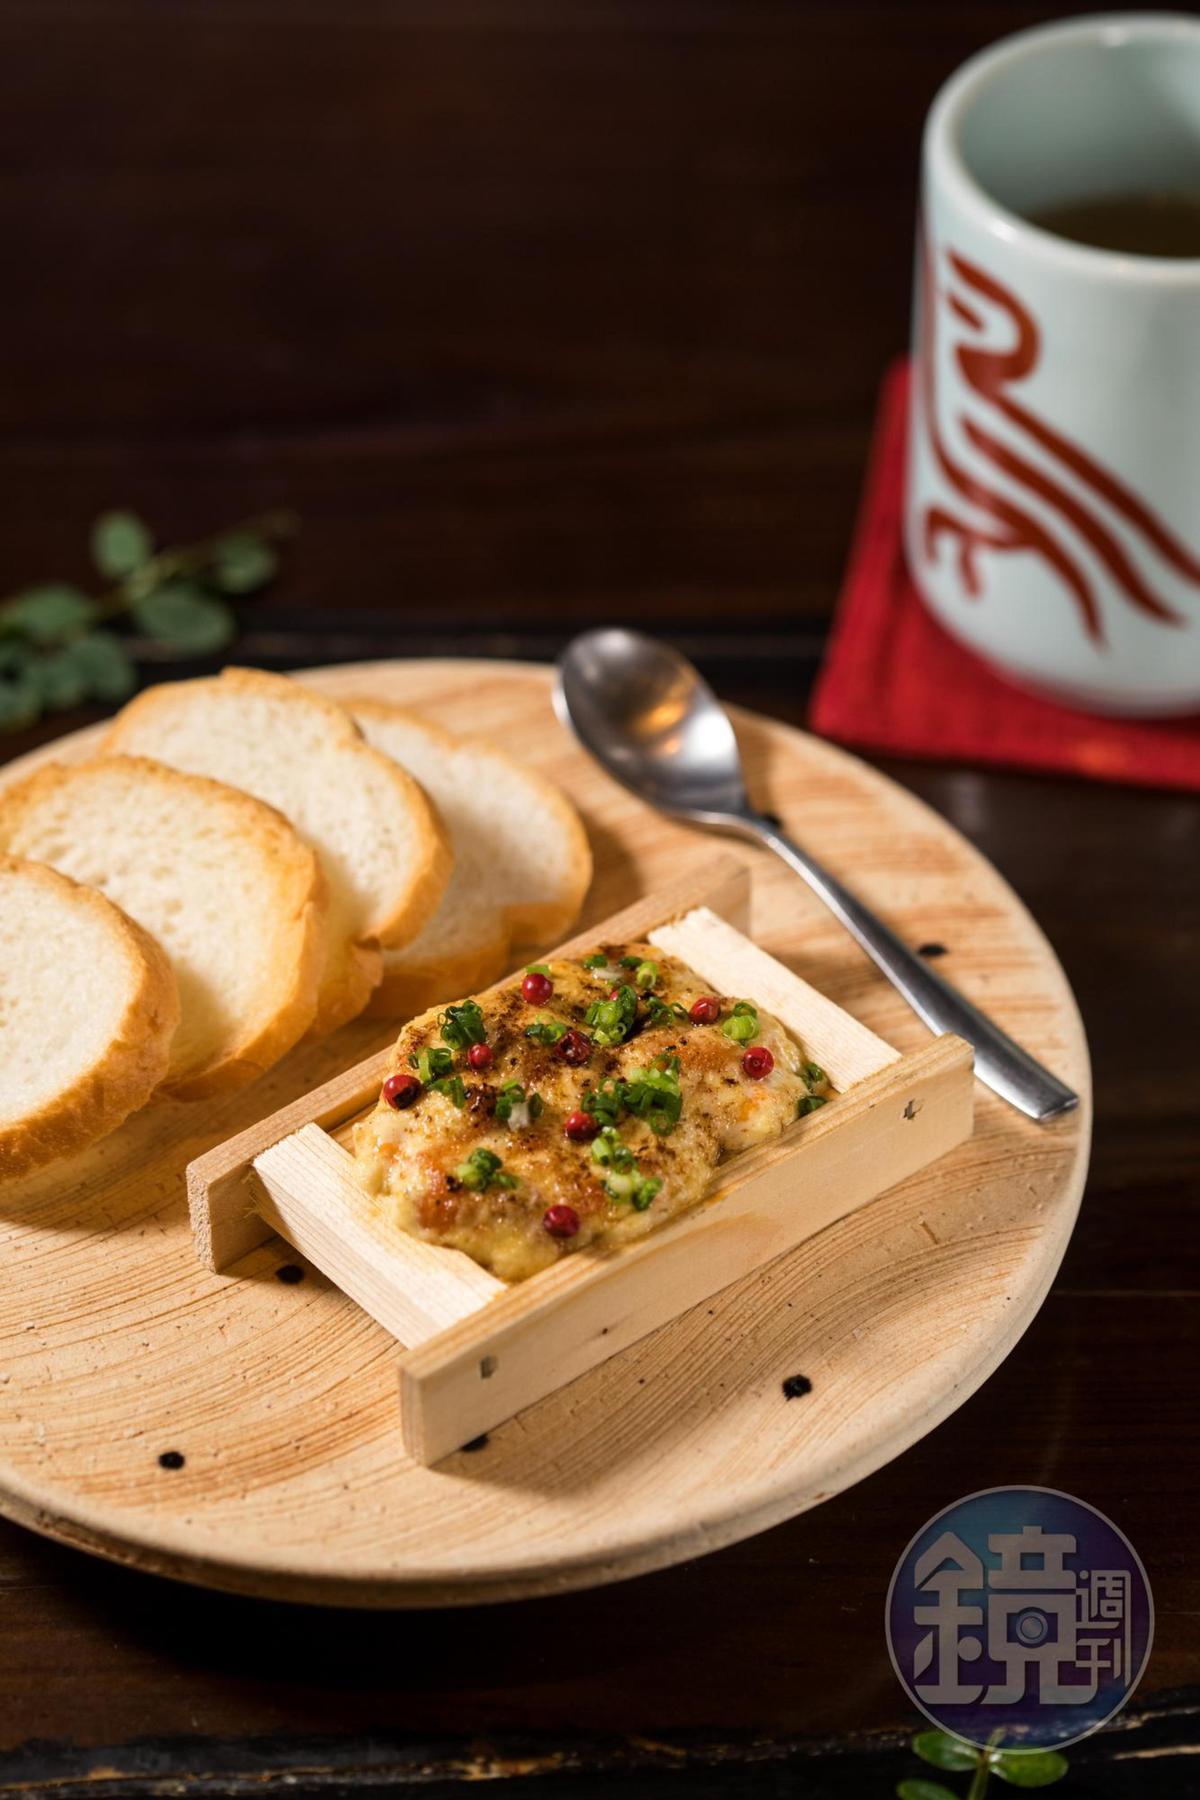 「炙燒海膽箱」海膽鋪上一層美乃滋厚被,點綴其上的紅胡椒粒迸發清新香氣。(450元/份)